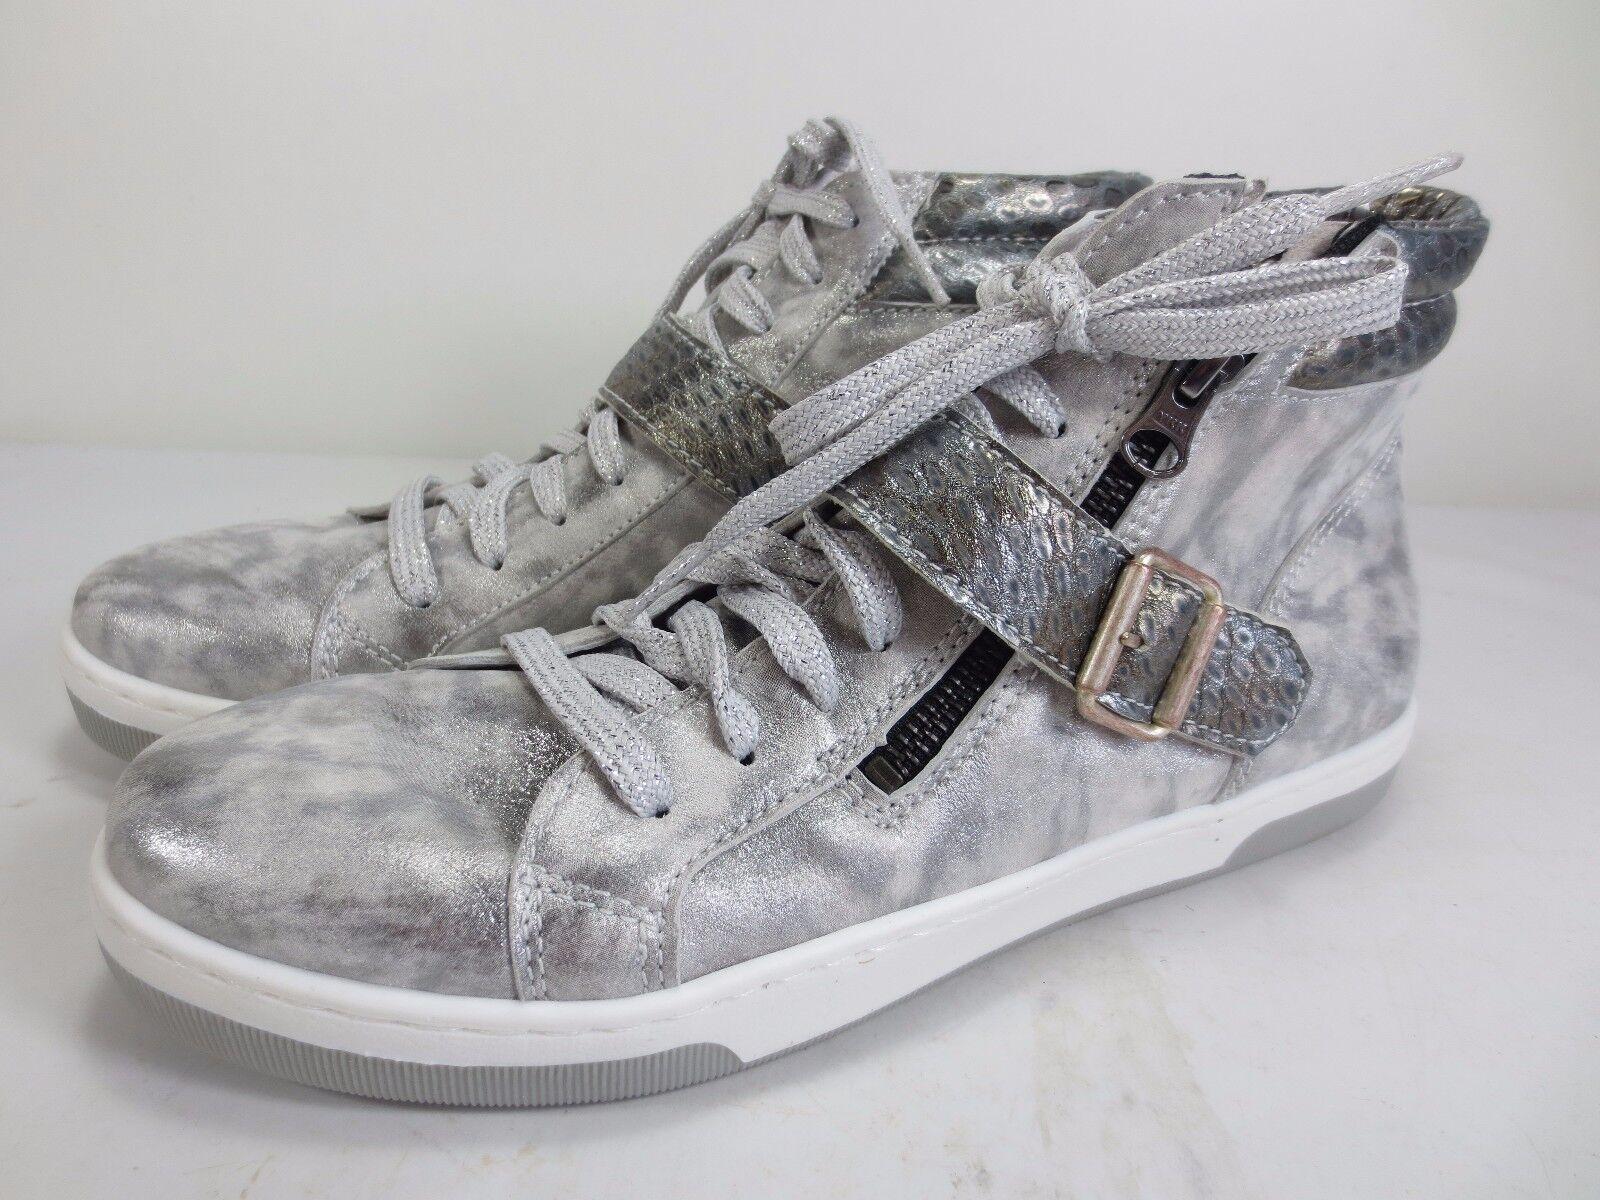 BRAKO Leder Schuhe Turnschuhe antik silber Metallic NEU Gr. 37 für lose Einlagen